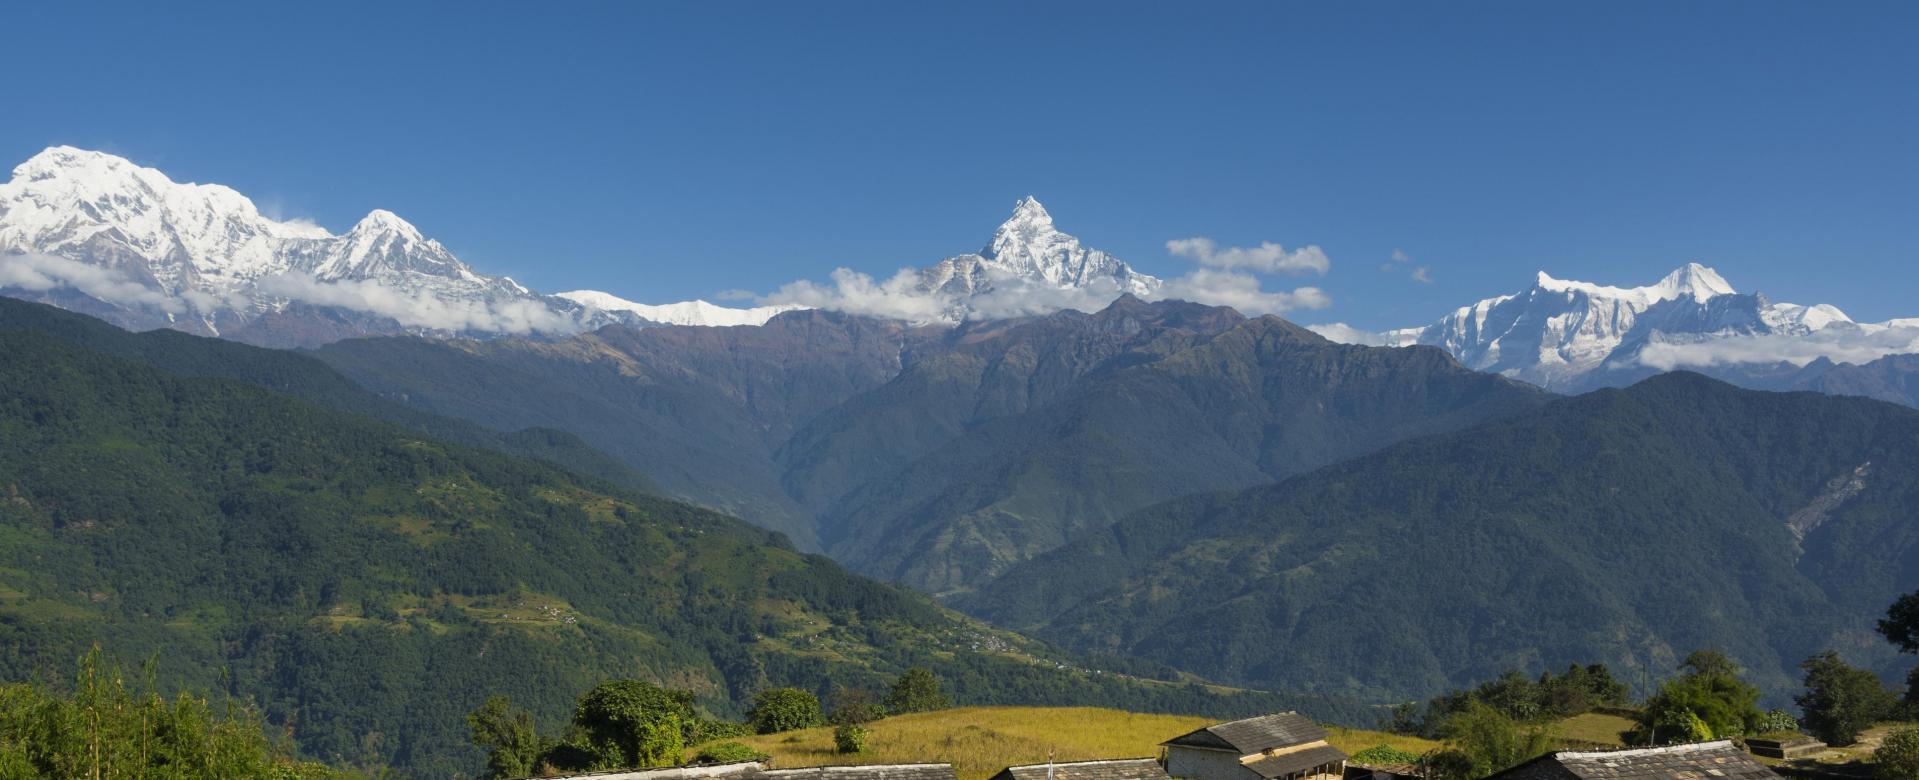 Voyage à pied : Trail au népal sur le balcon des annapurnas